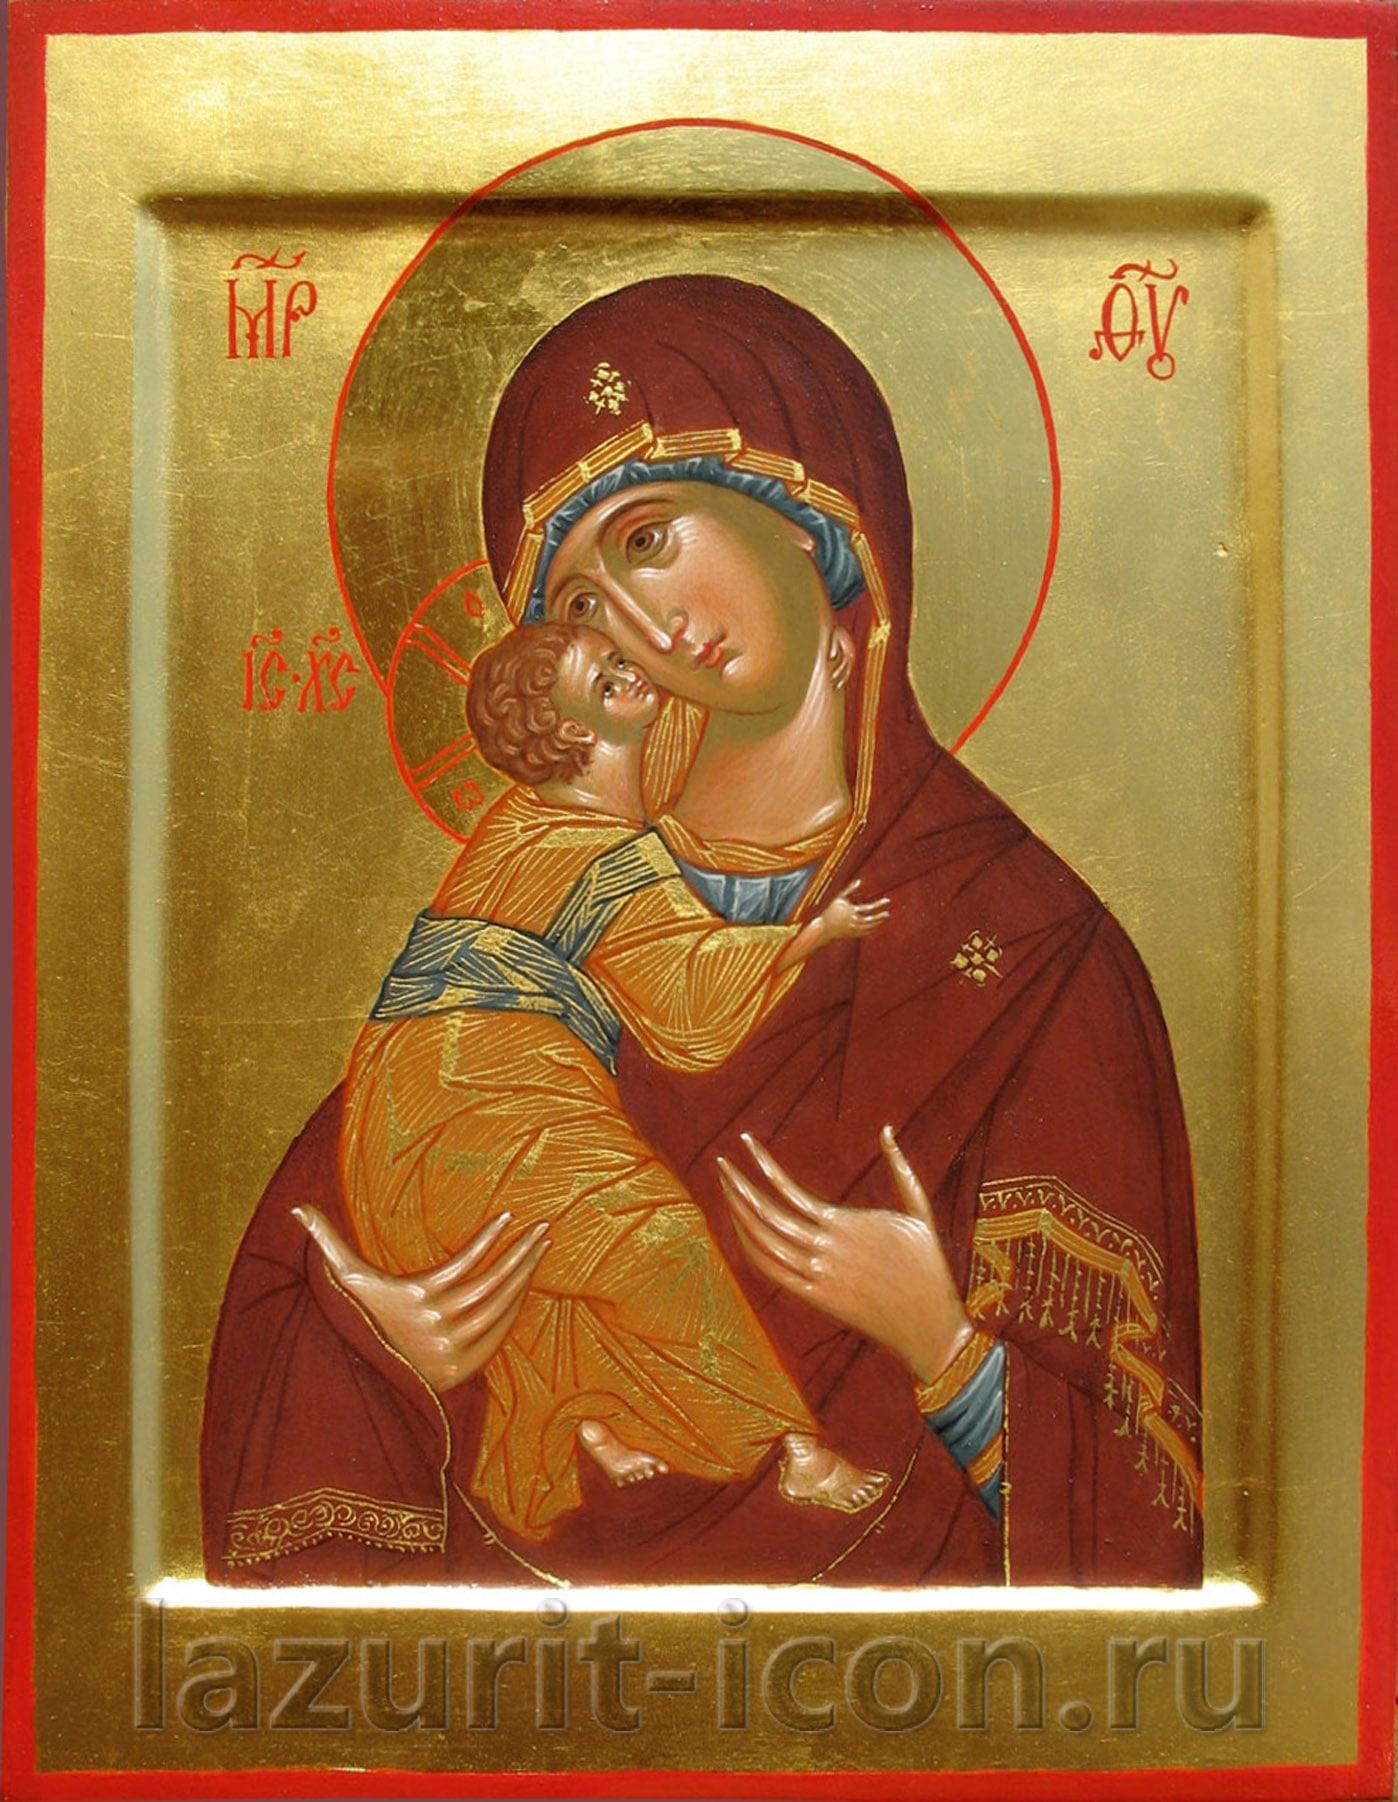 Богоматерь Владимирская и Господь Вседержитель